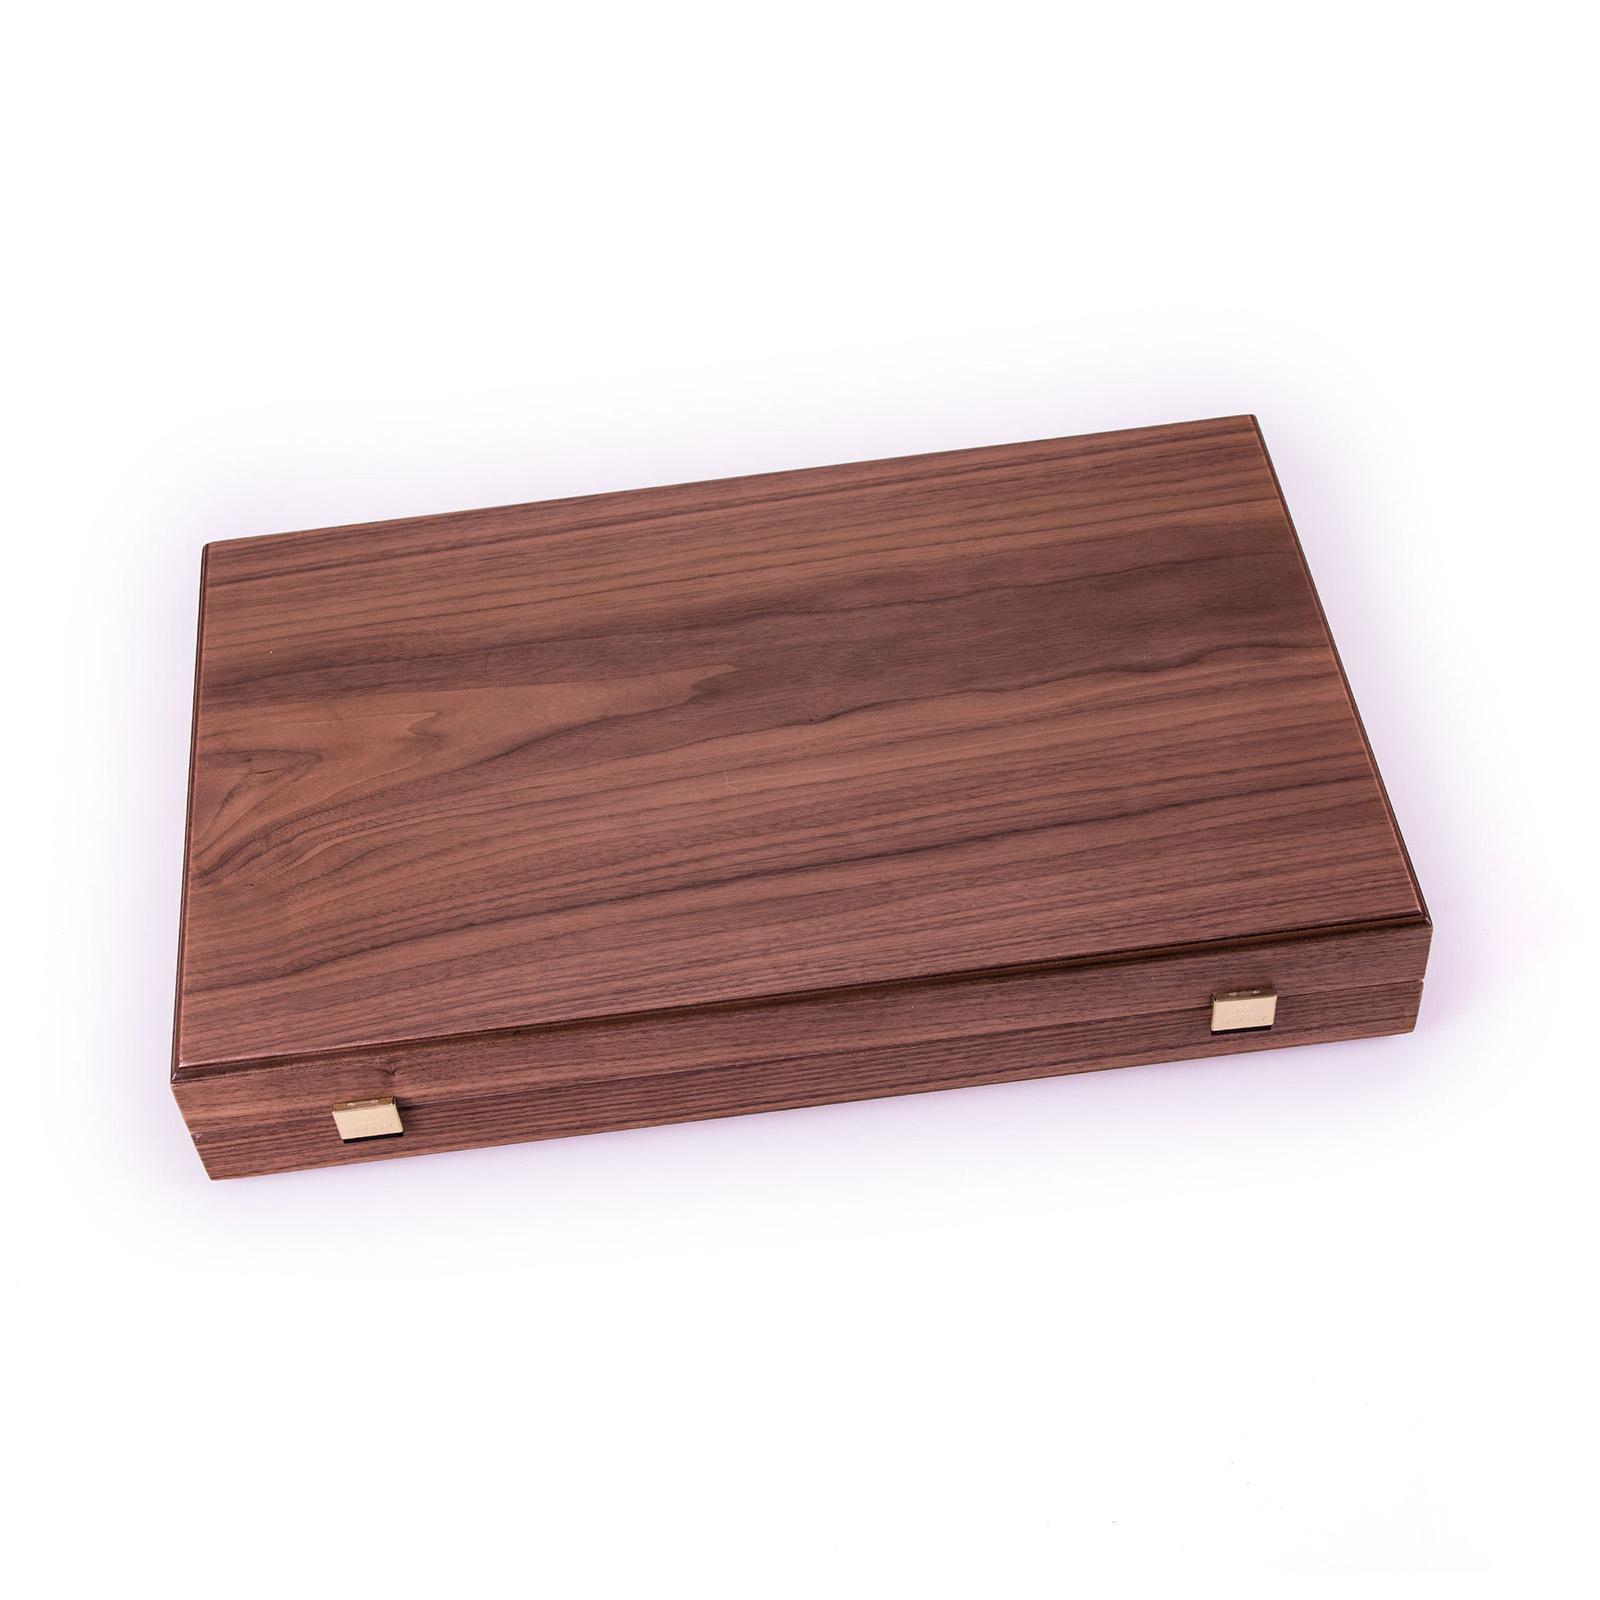 Backgammon-Set aus Walnuss aus Griechenland, handgefertigt 48x30 cm